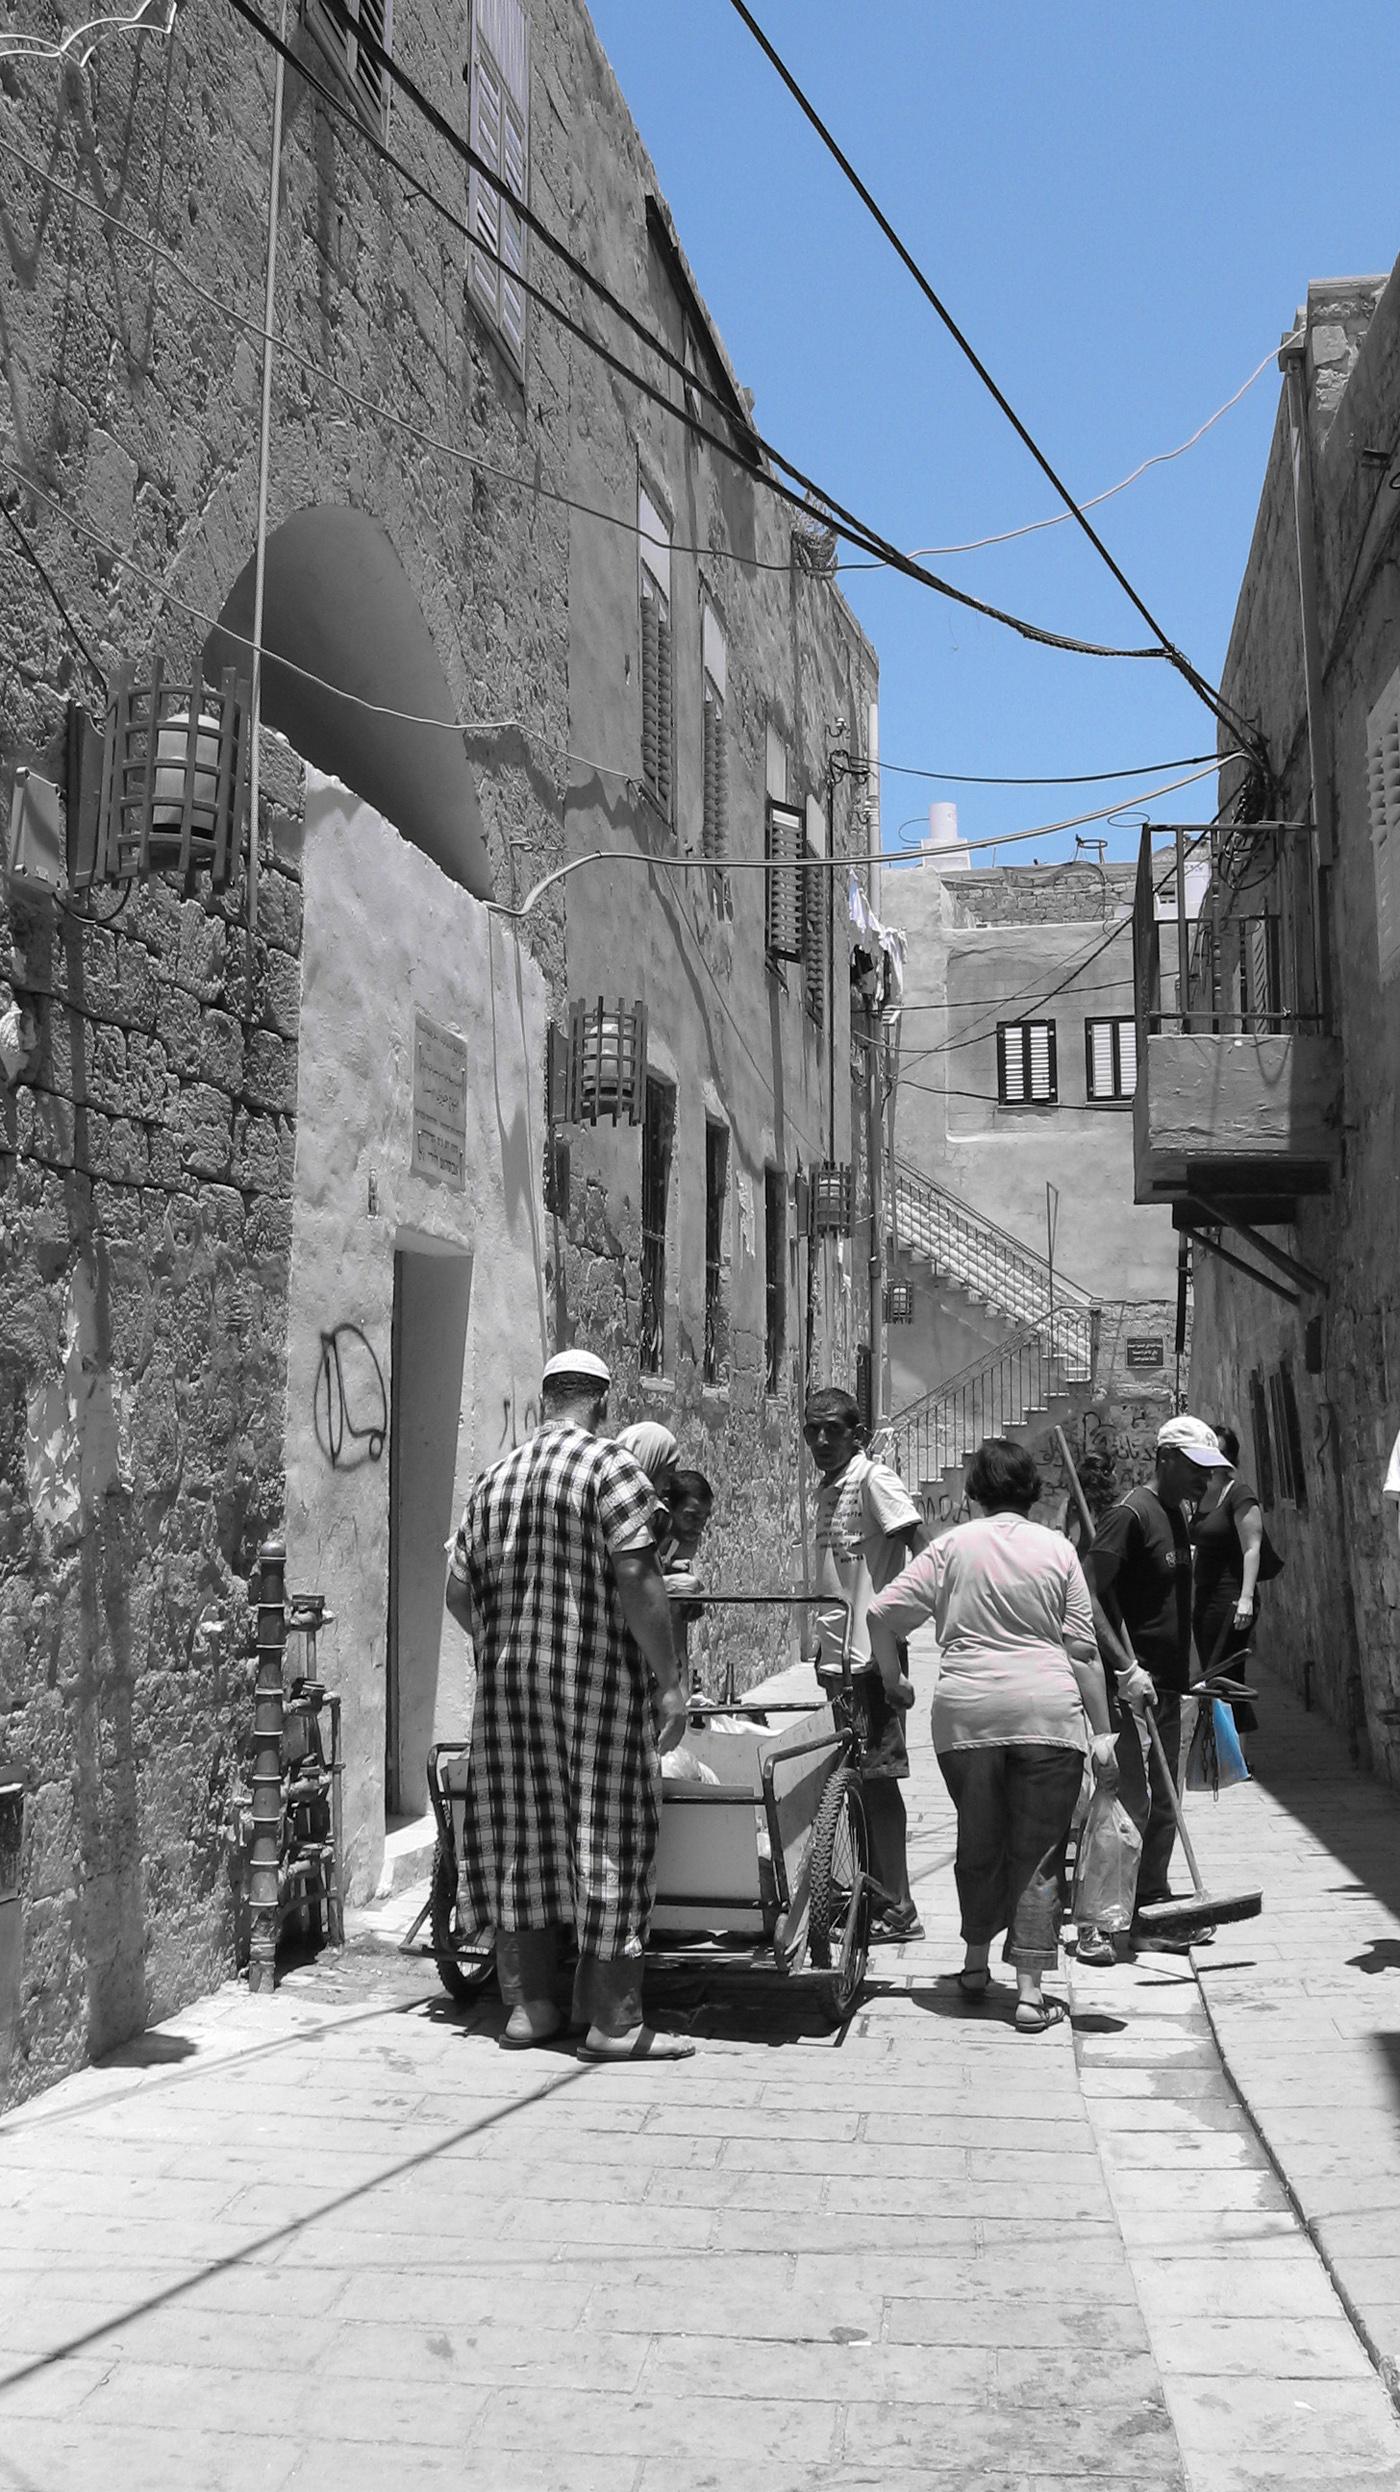 Yaffo, Israel